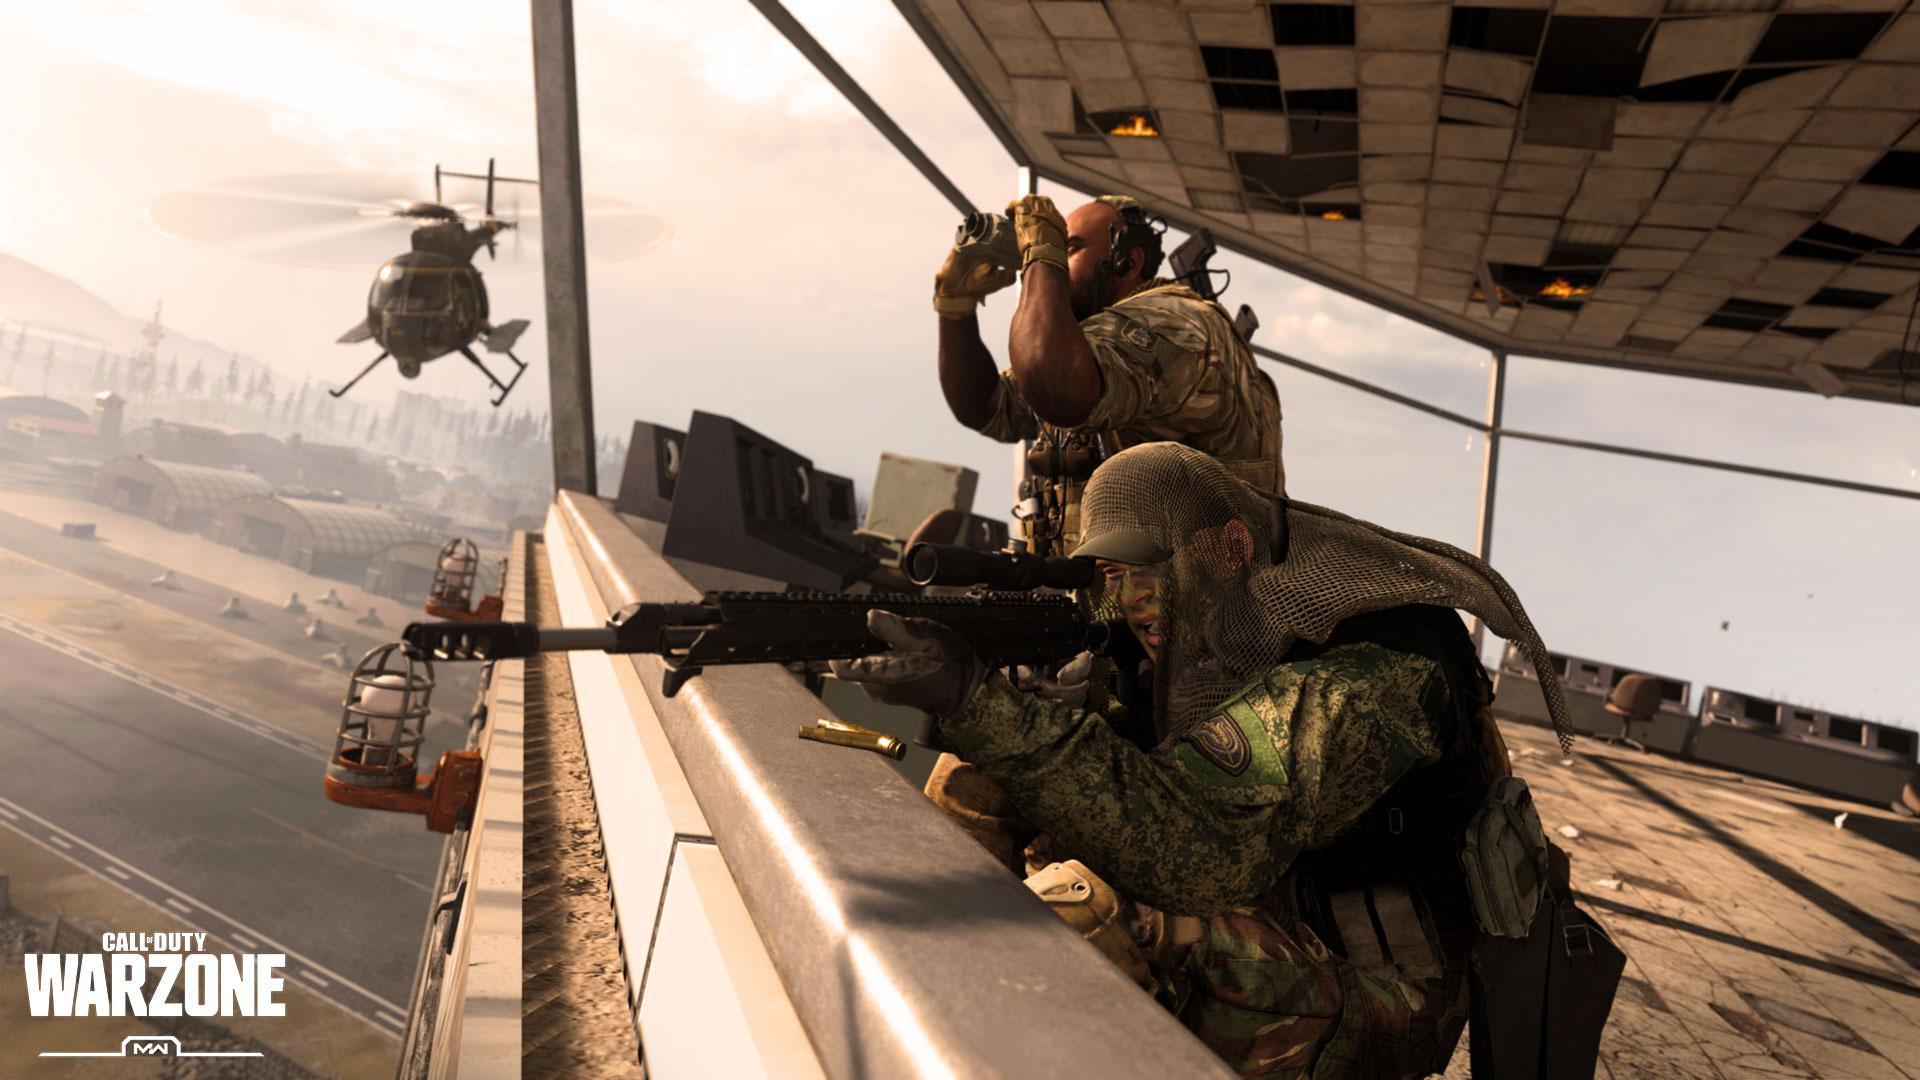 Benötigt man für Call of Duty: Warzone PS+ zum Spielen